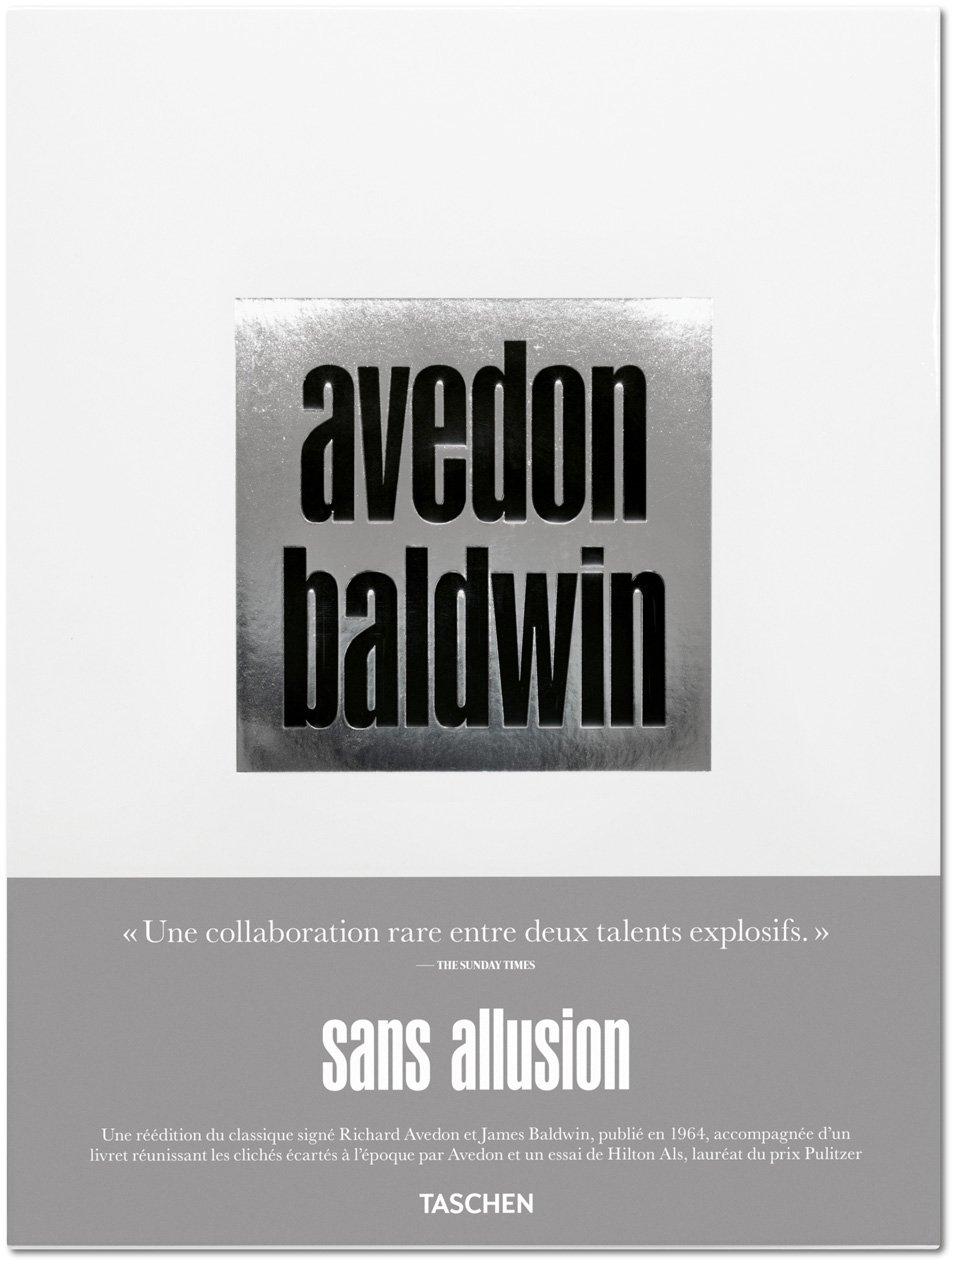 Couverture de l'édition française